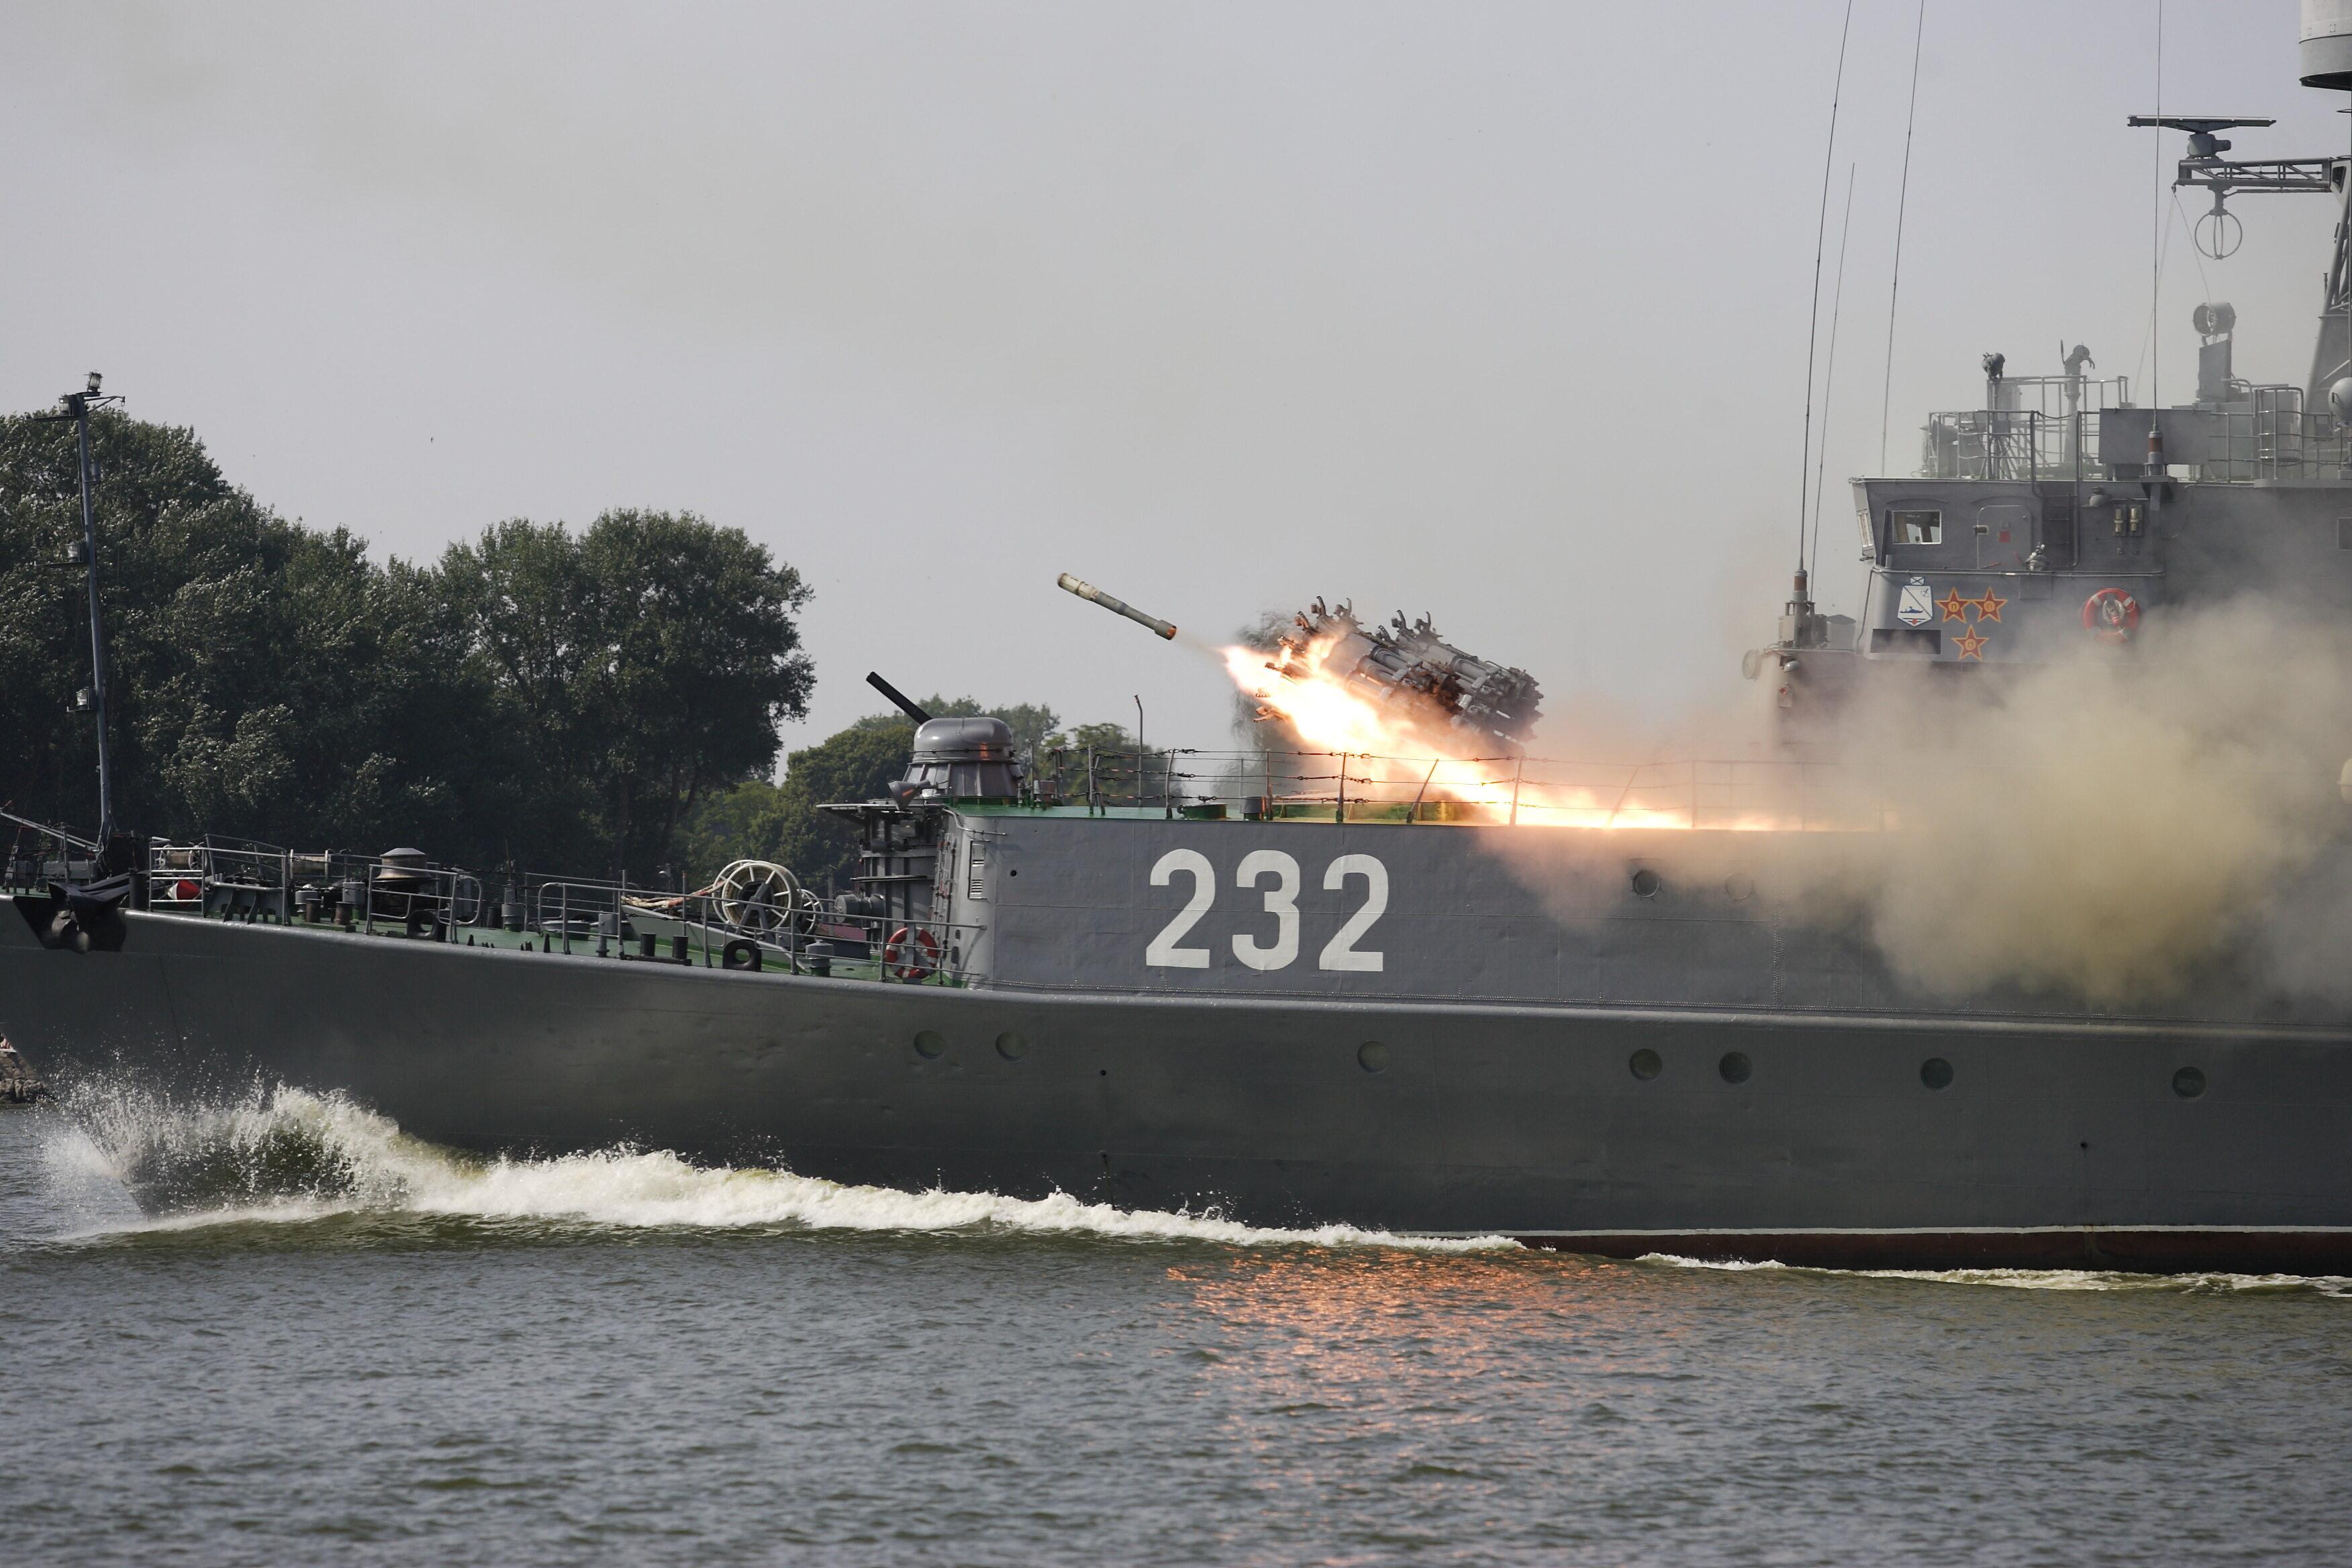 Rosyjska korweta projektu 1331M Parchim - Kalmykiya numer taktyczny 232